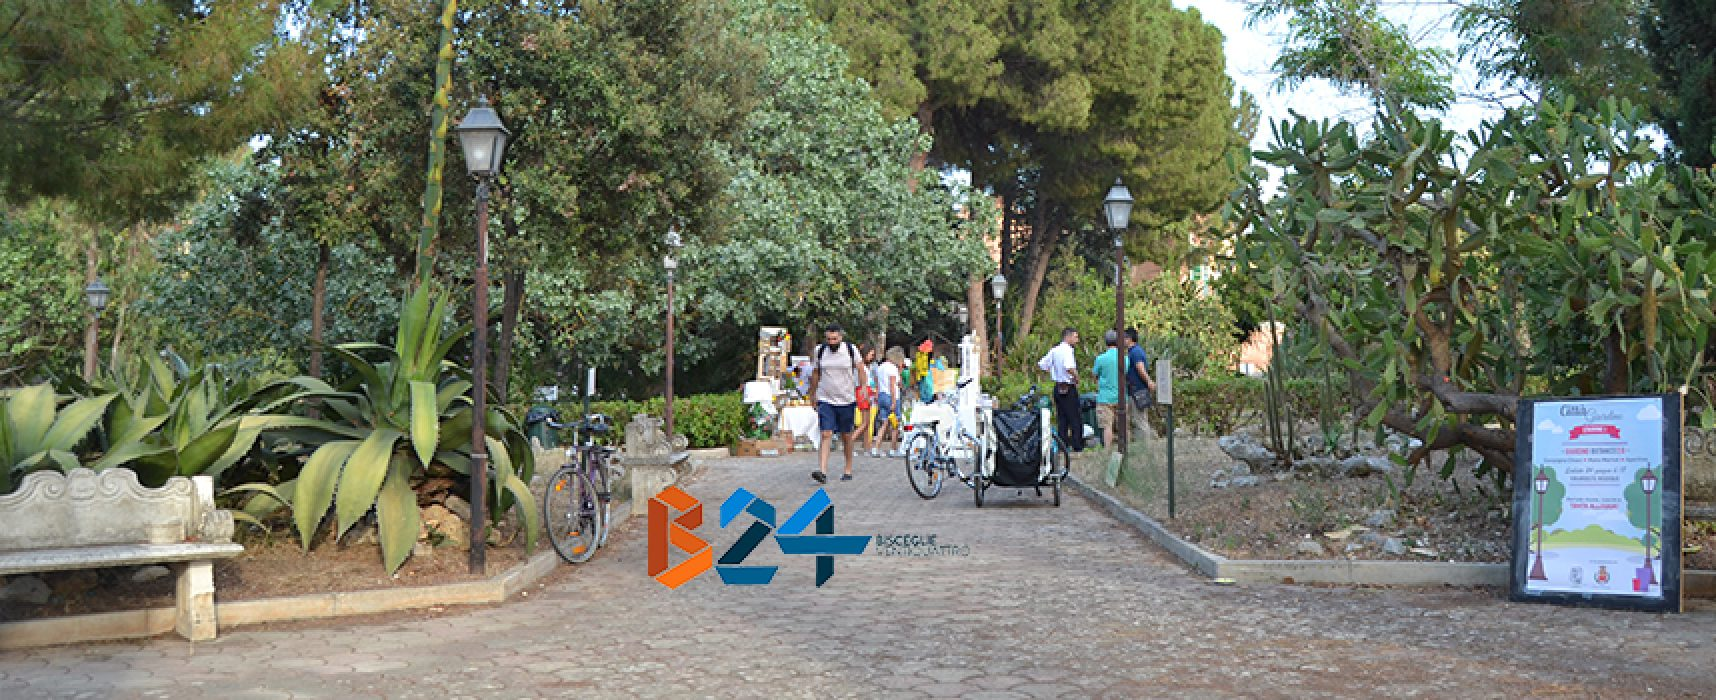 Domenica il Giardino Botanico Veneziani teatro della Festa di Primavera